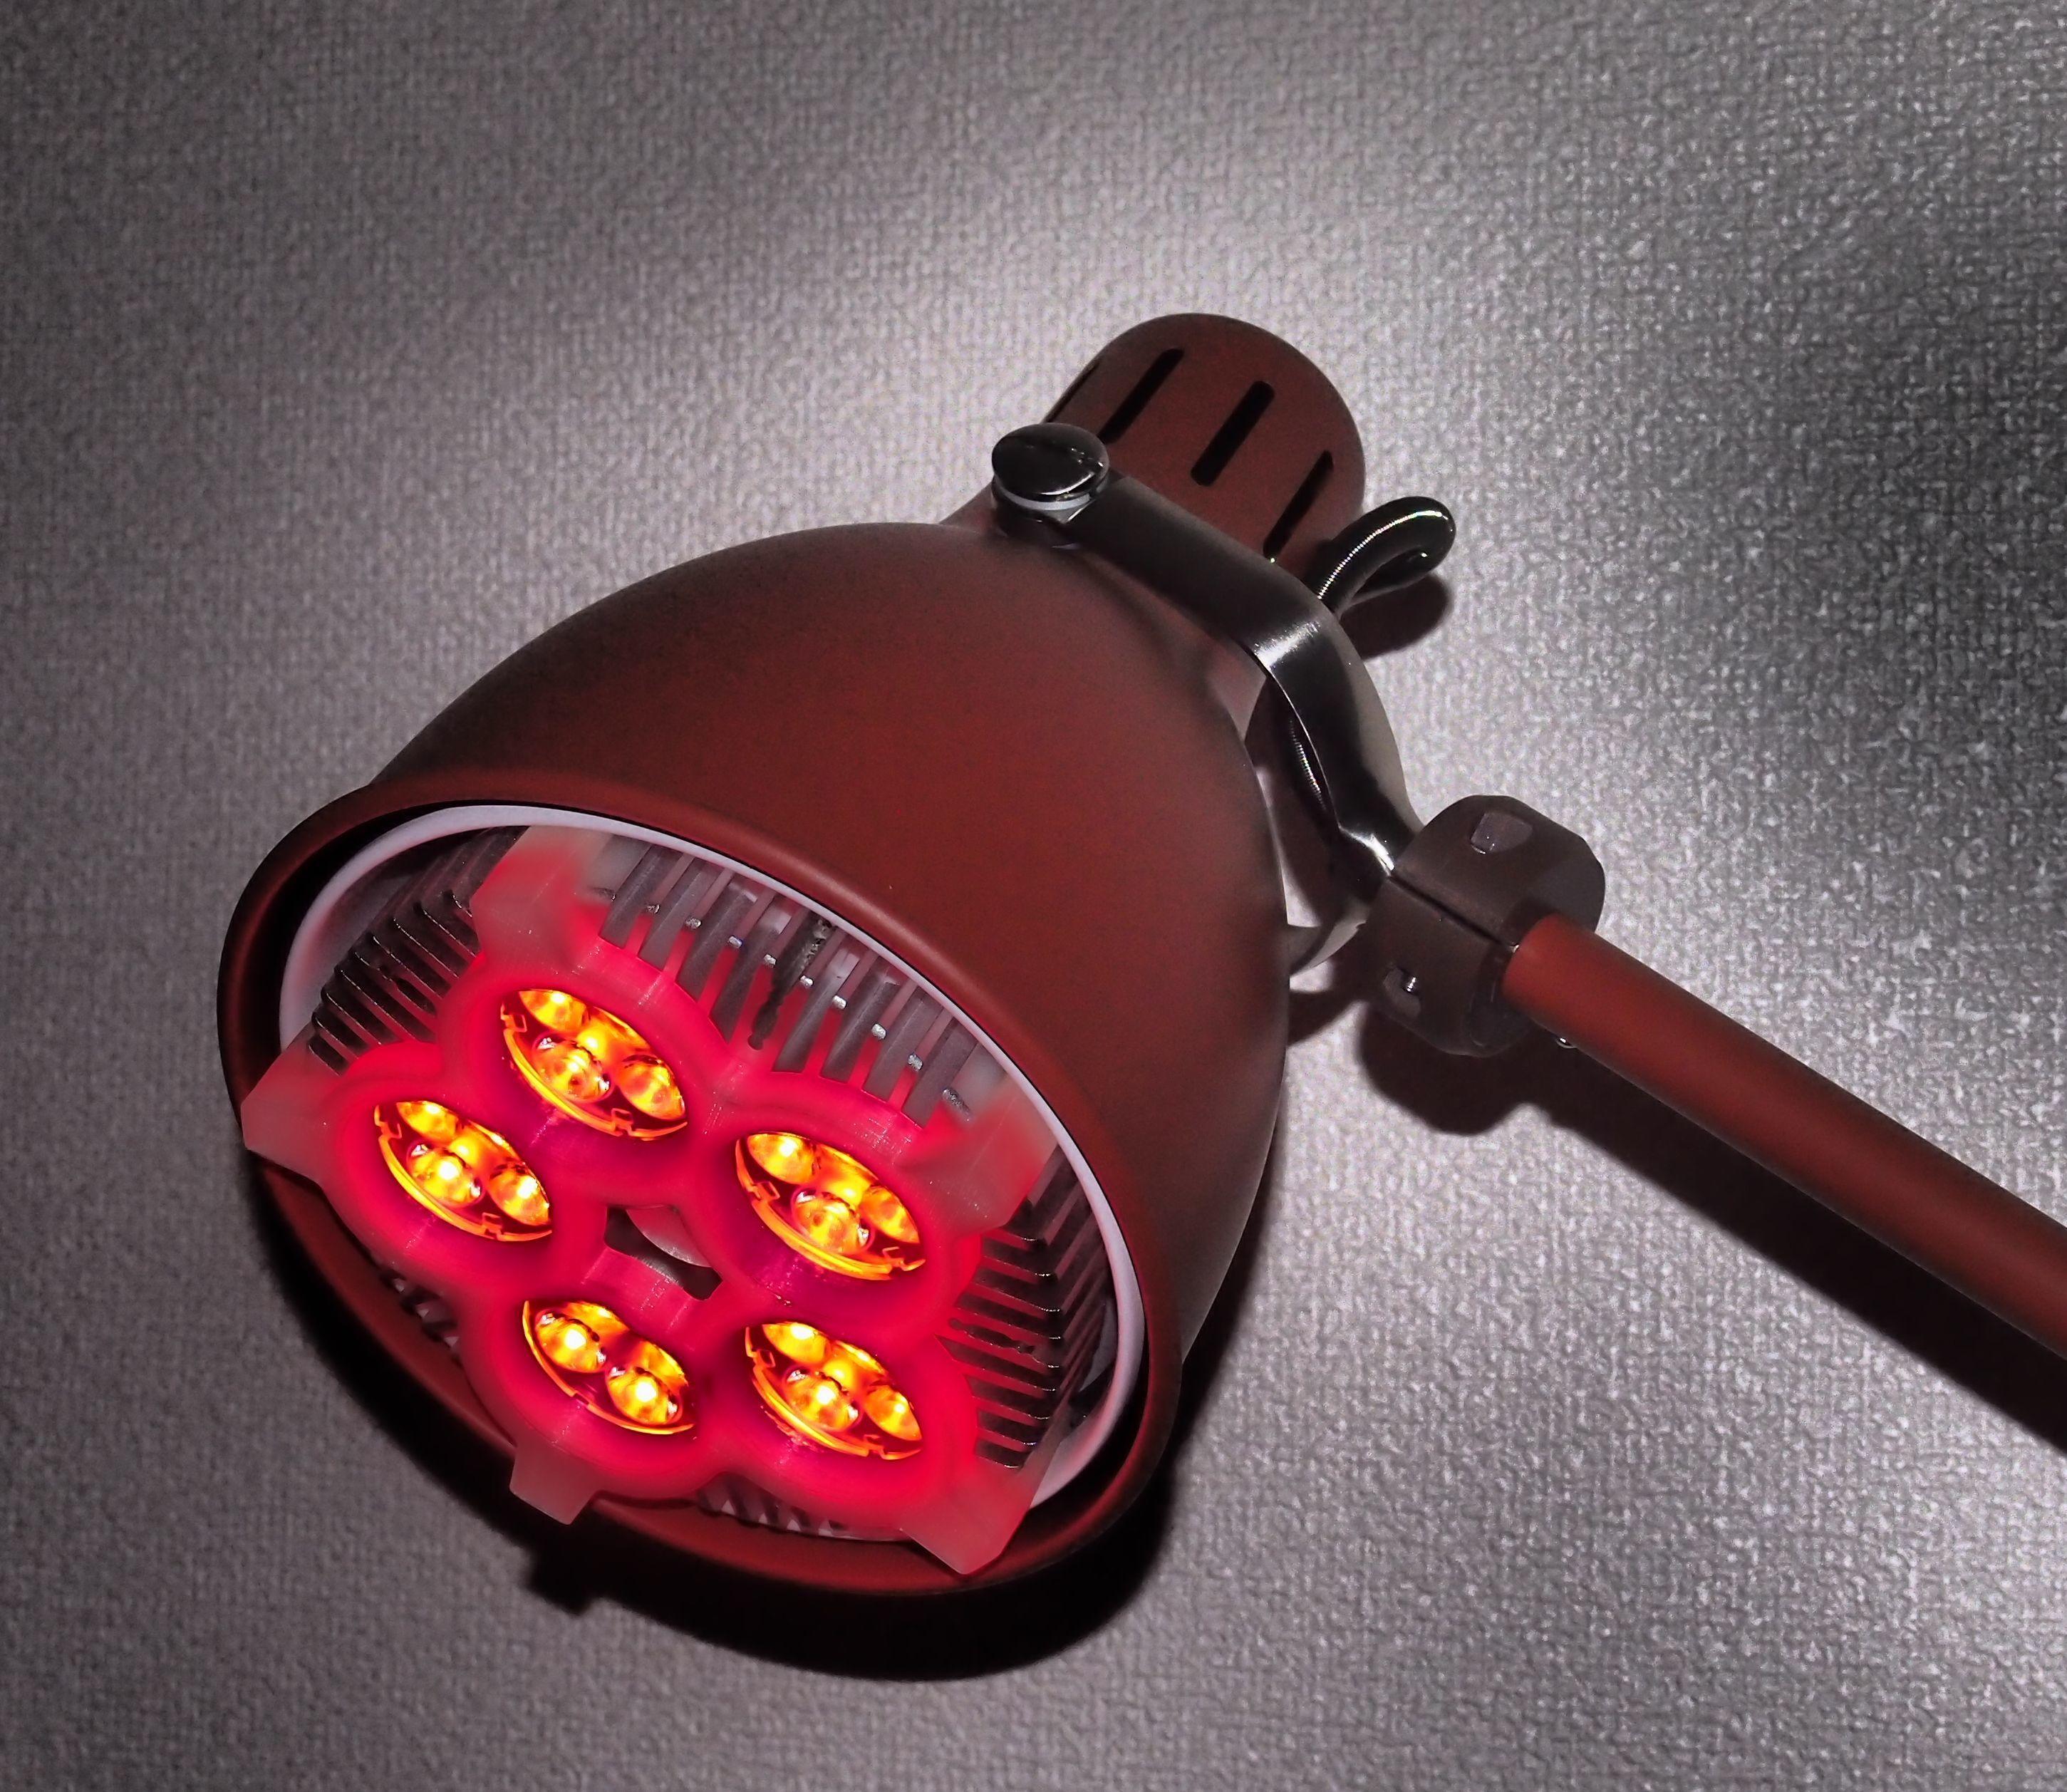 LEDライト(630nmレッド~オレンジ_20W 照射角25°)で可視光線治療